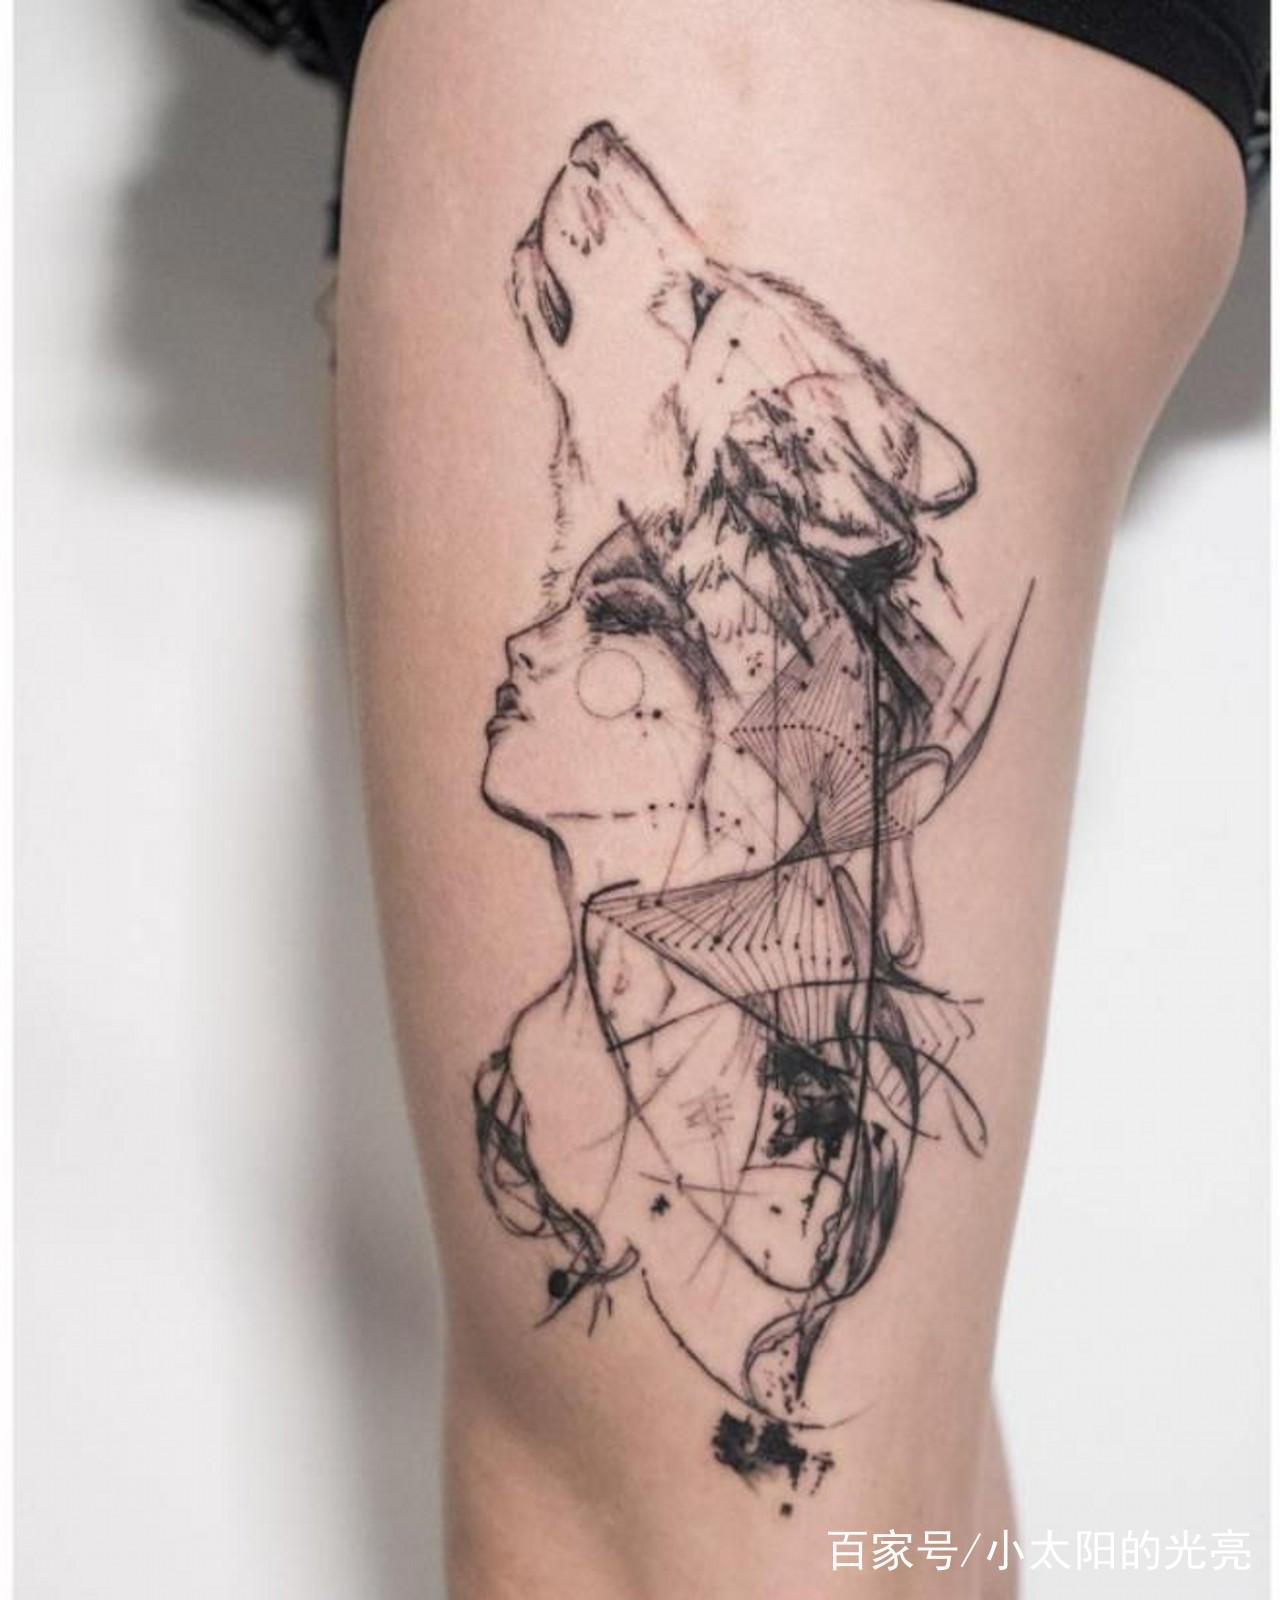 12星座的独特纹身:天蝎座是狼的图案,处女座是简单的